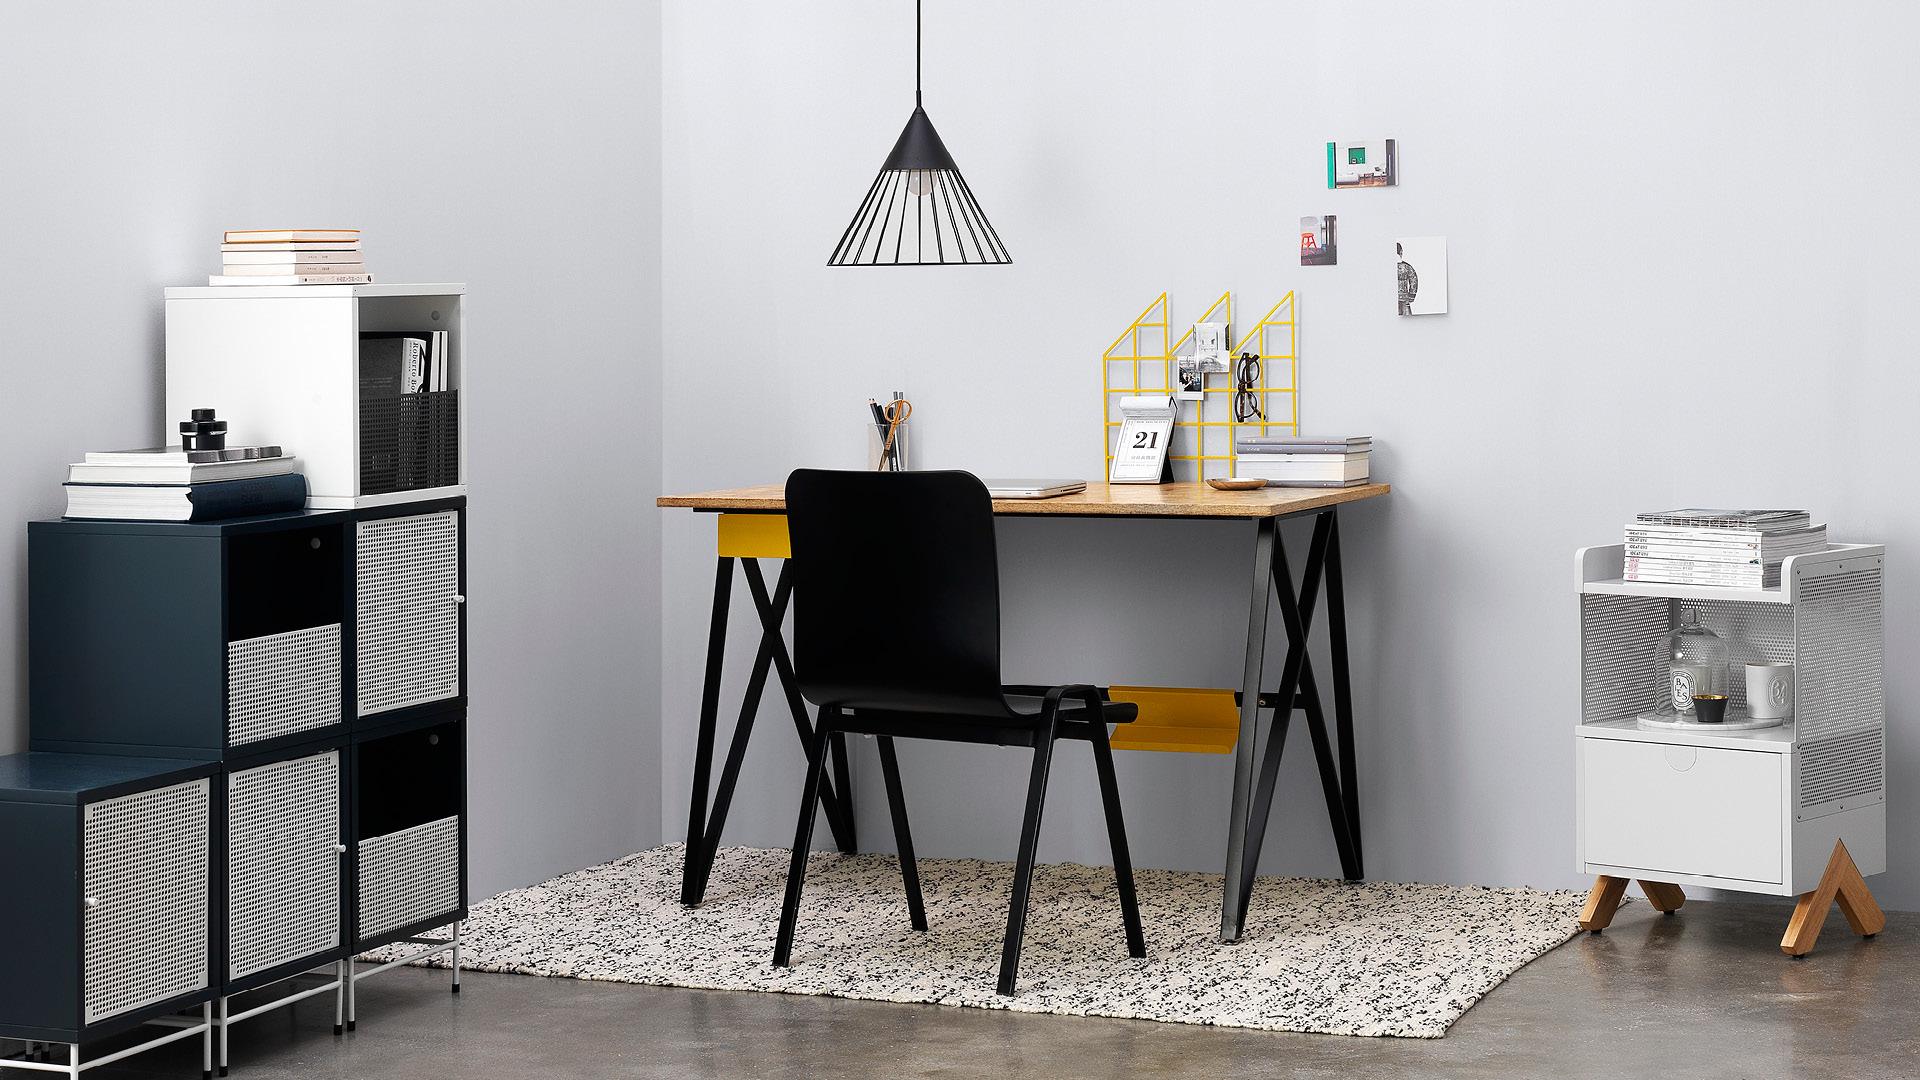 简洁的铁木构造,给小型工作室一个挺拔的基调。好看,耐用,符合人体工学的设计,从此爱上伏案工作的个人天地。